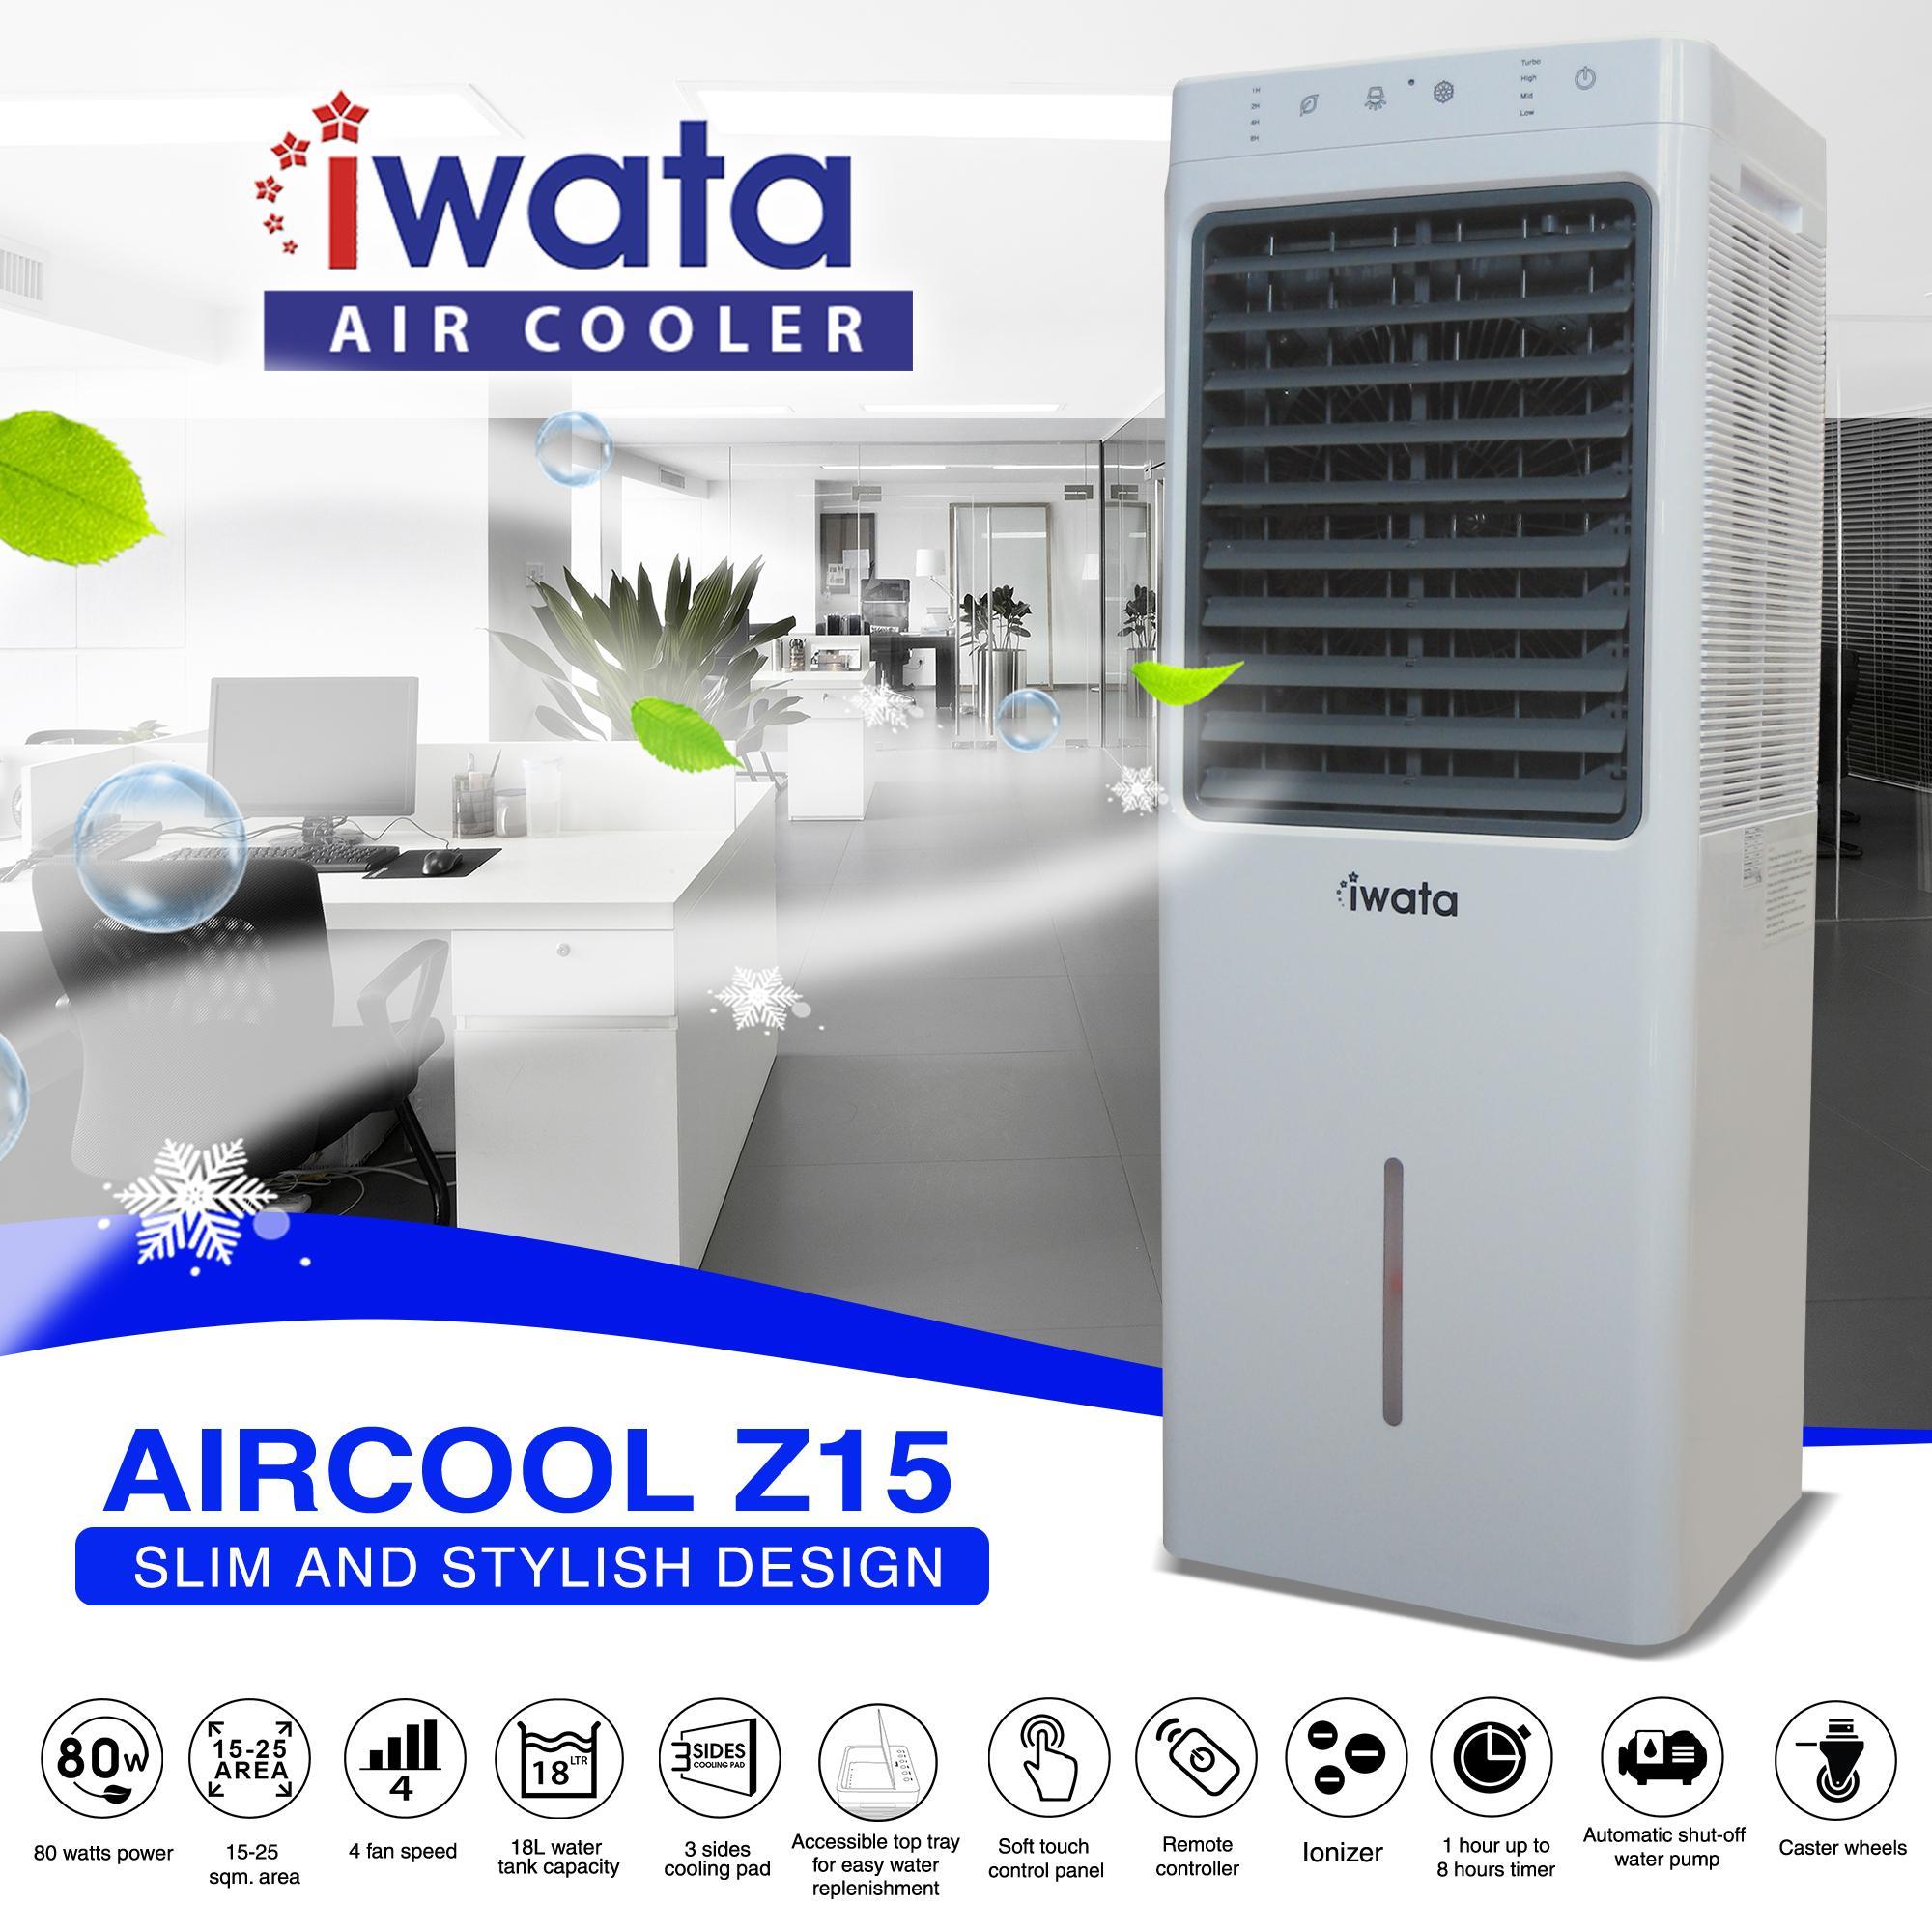 Iwata Aircool Z15 Air Cooler